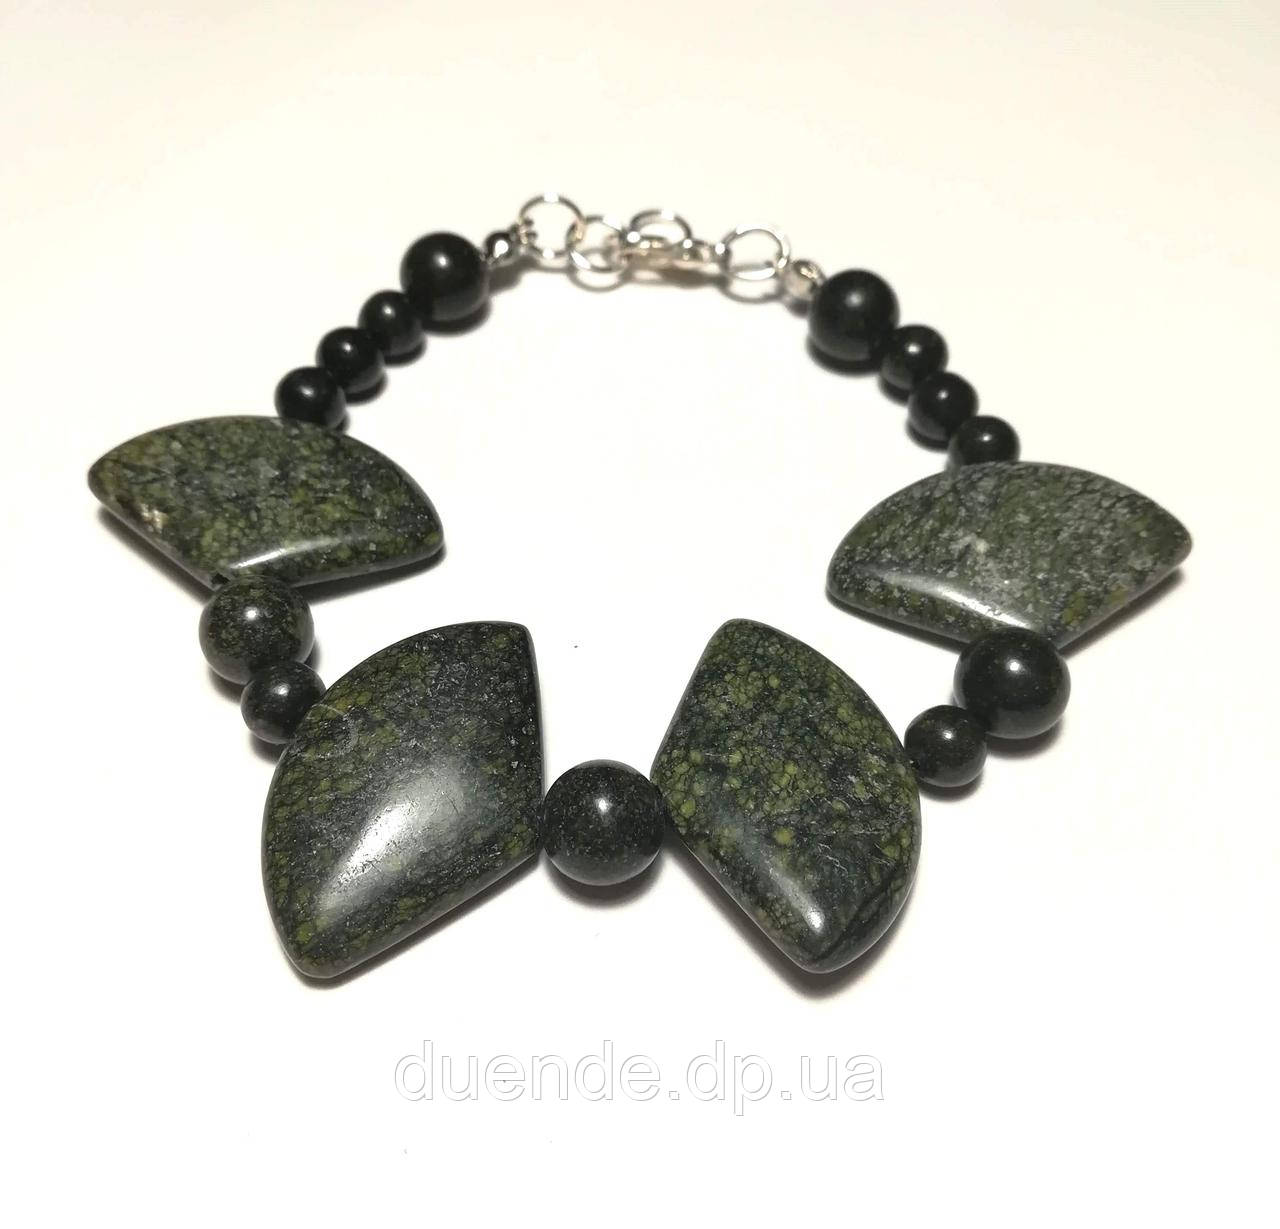 Браслет из Змеевика (Серпентин) натуральный камень, цвет зеленый и его оттенки \ Sb - 0245